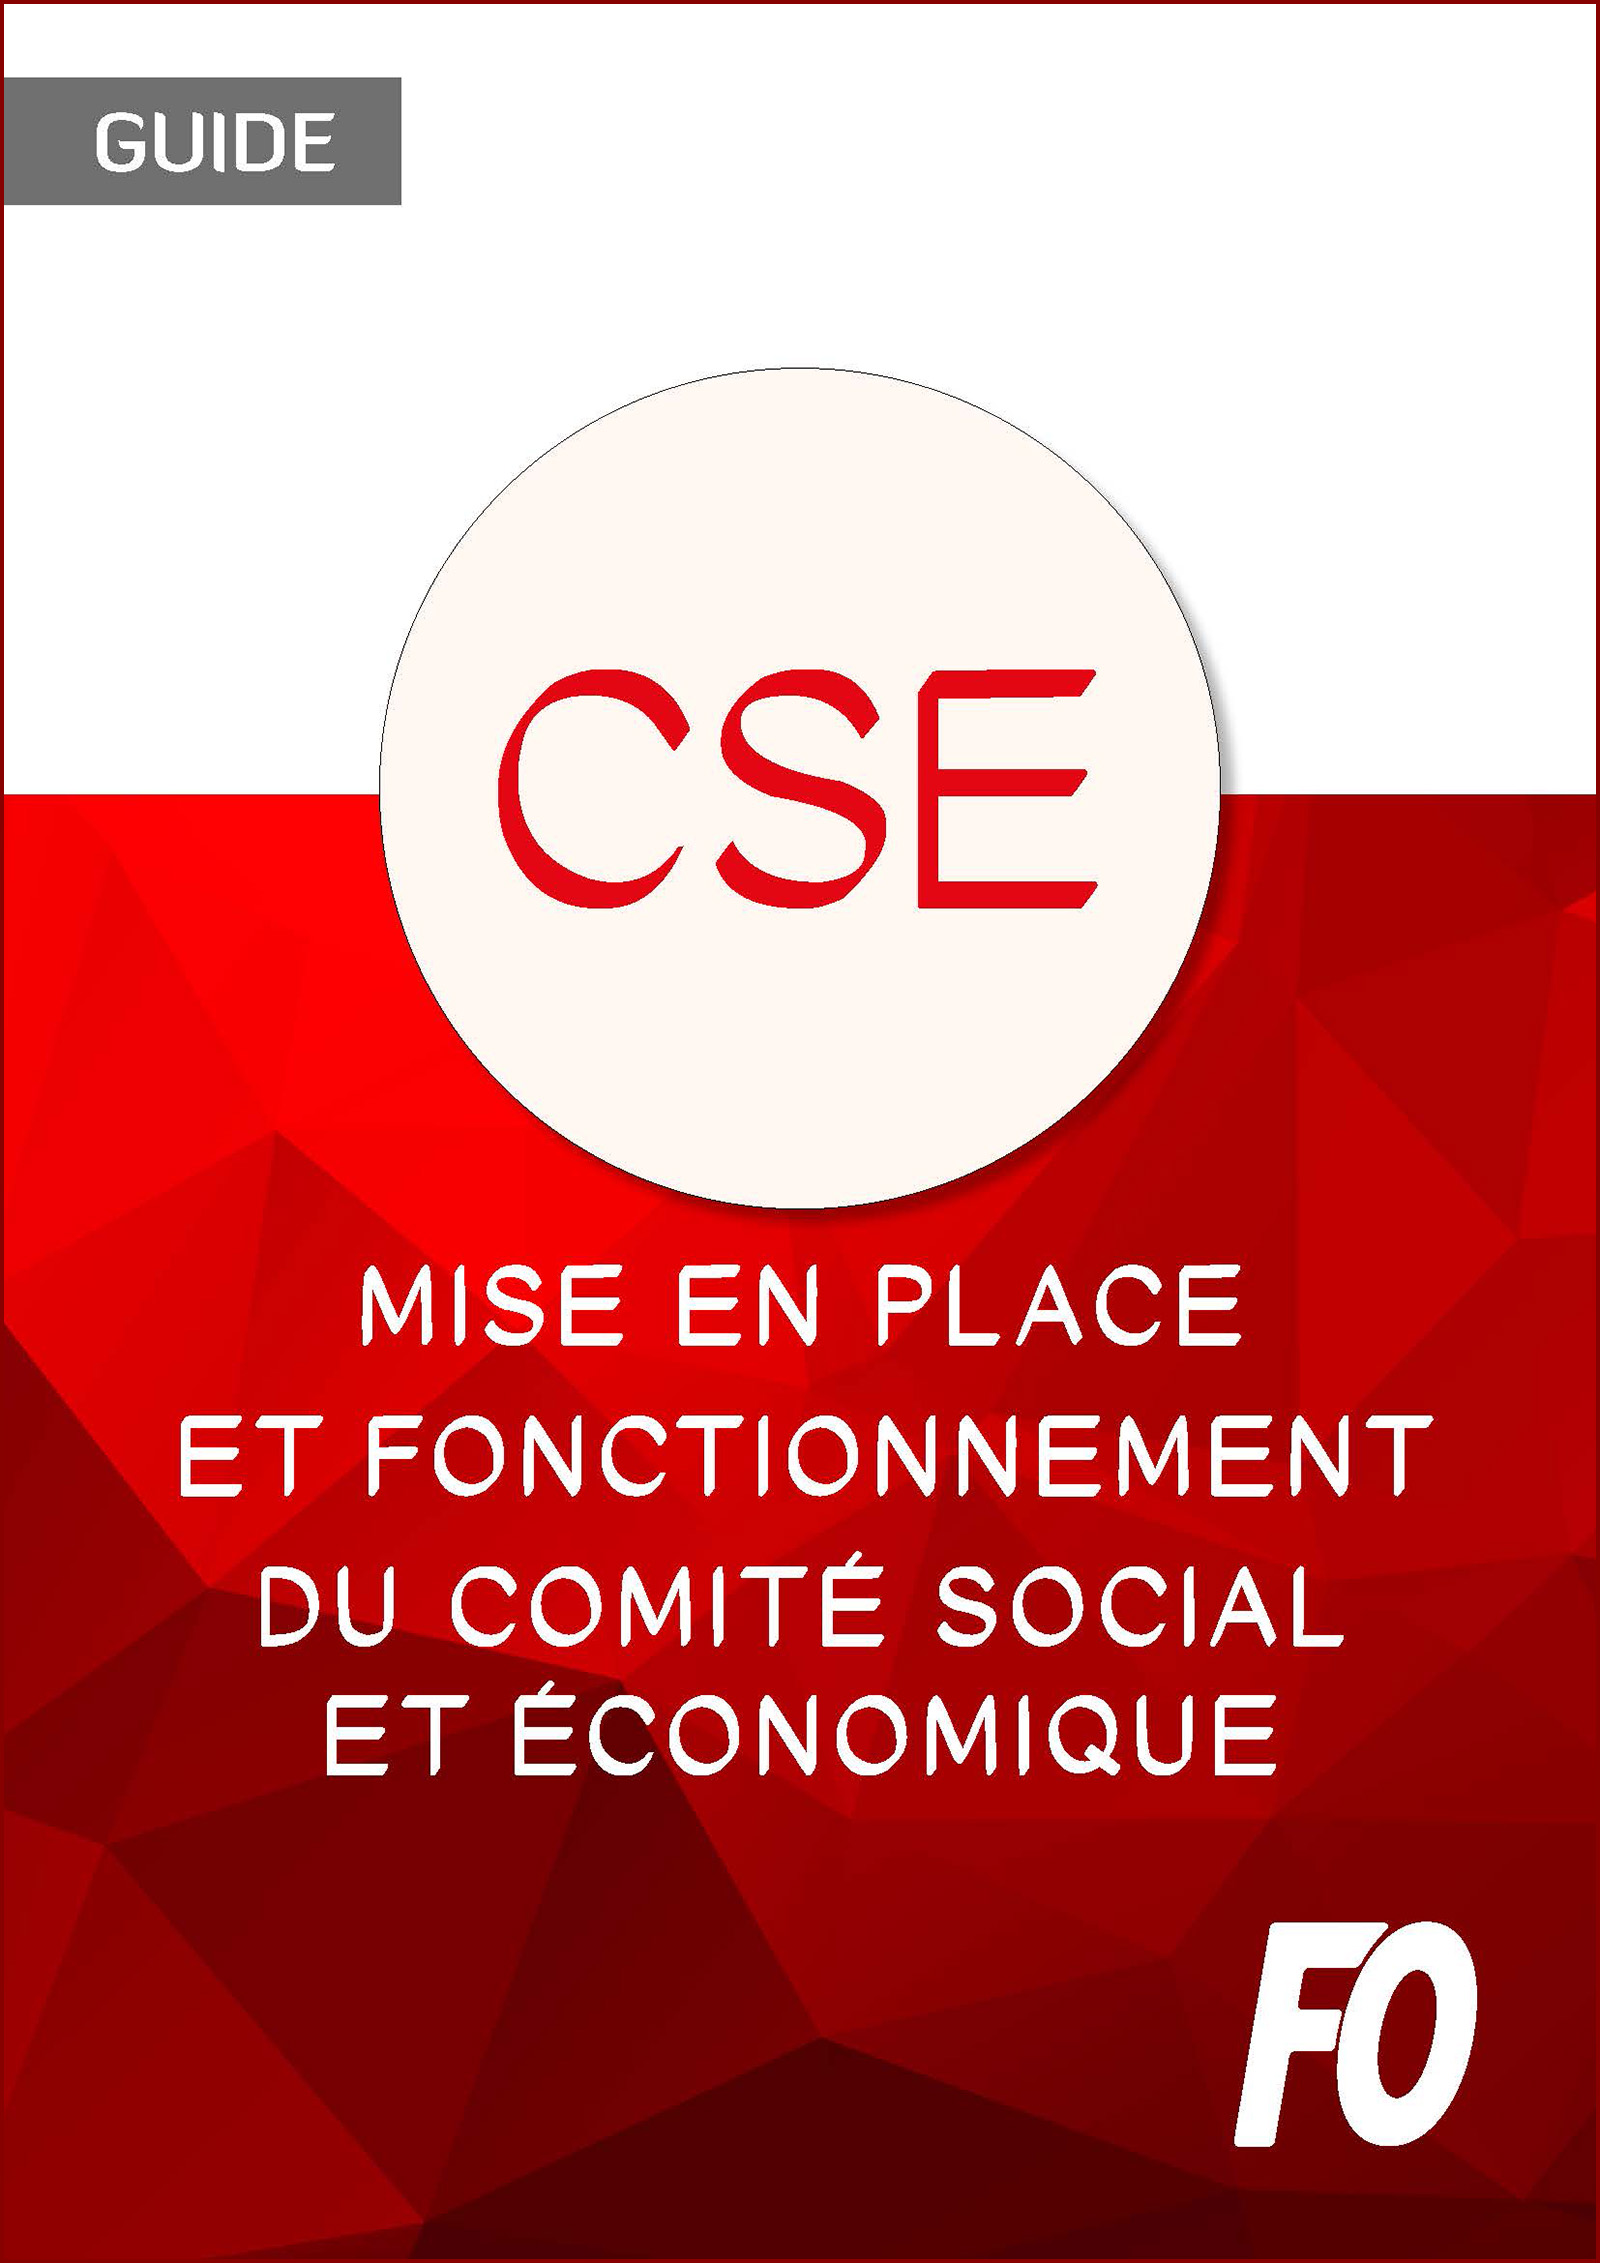 Mise En Place Et Fonctionnement Du Comite Social Et